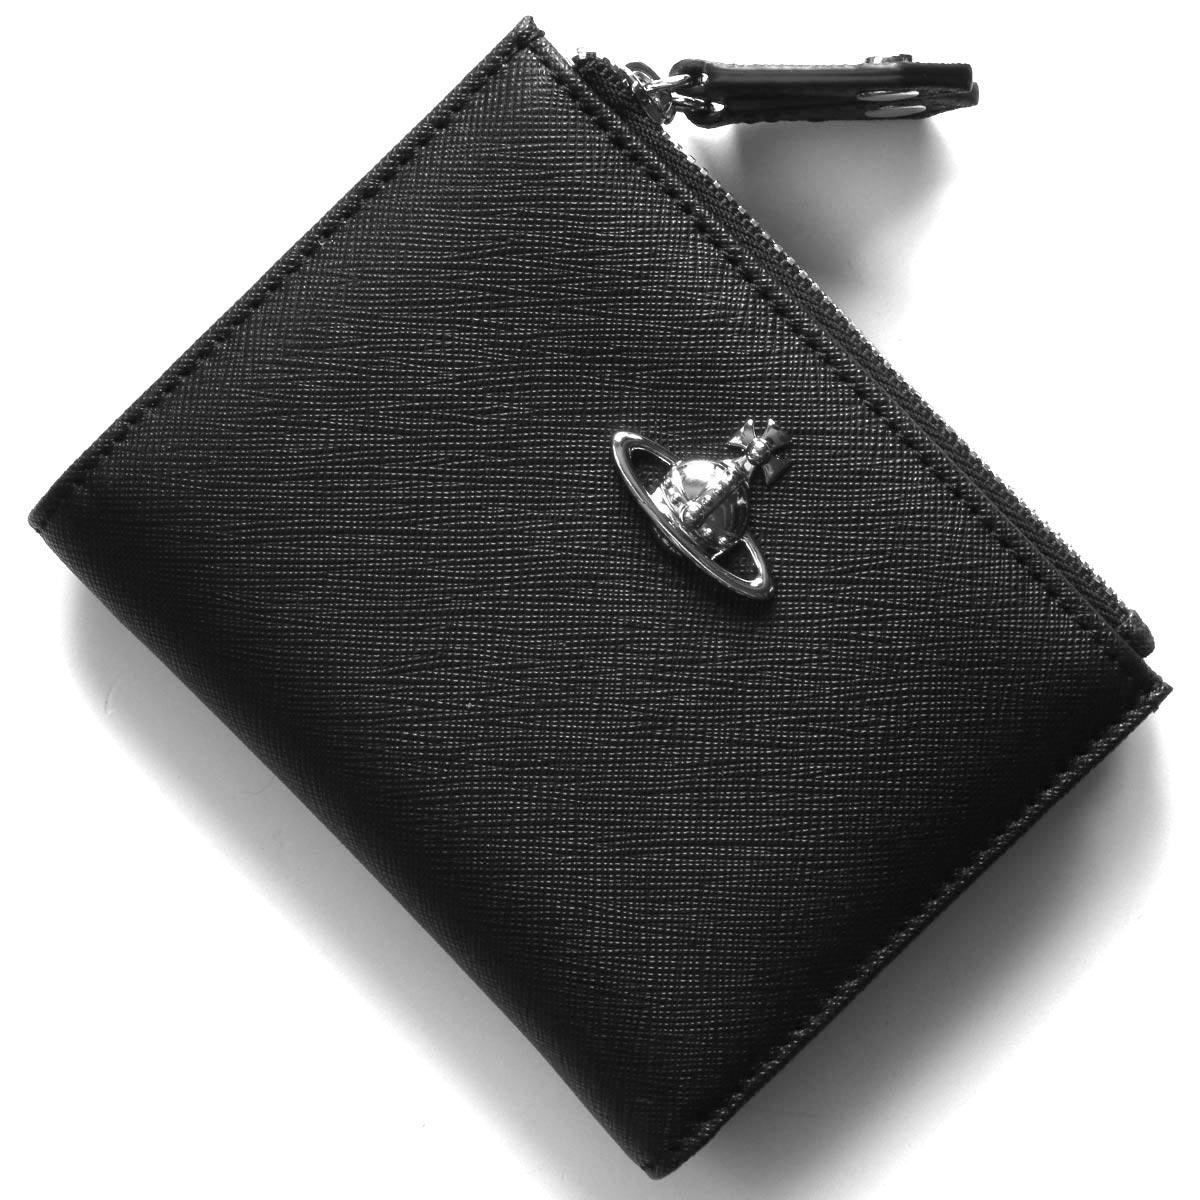 ヴィヴィアンウエストウッド 二つ折り財布 財布 メンズ レディース ヴィクトリア オーブ ブラック 51140013 40565 N404 VIVIENNE WESTWOOD